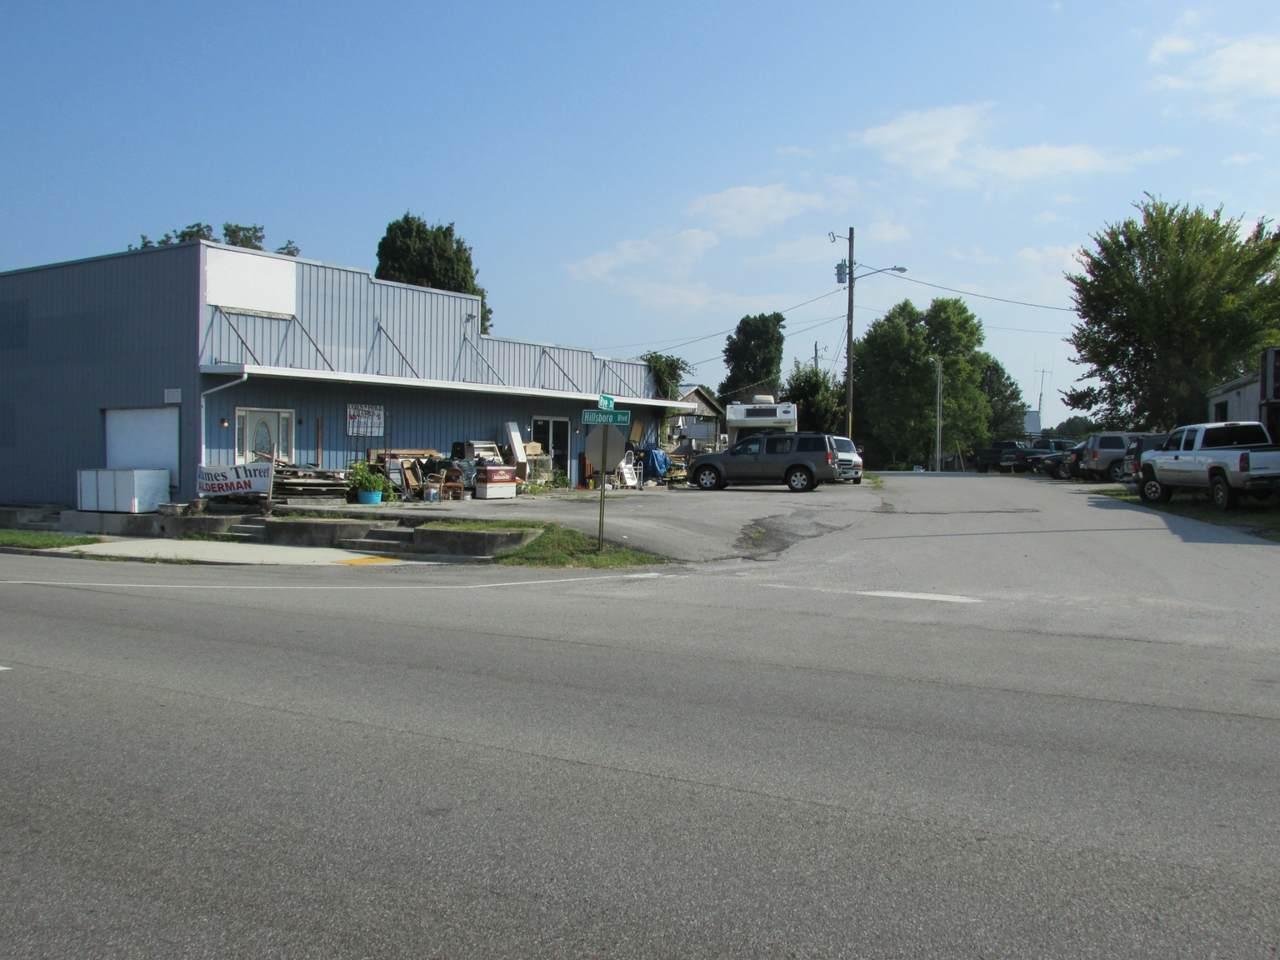 817 Hillsboro Blvd - Photo 1